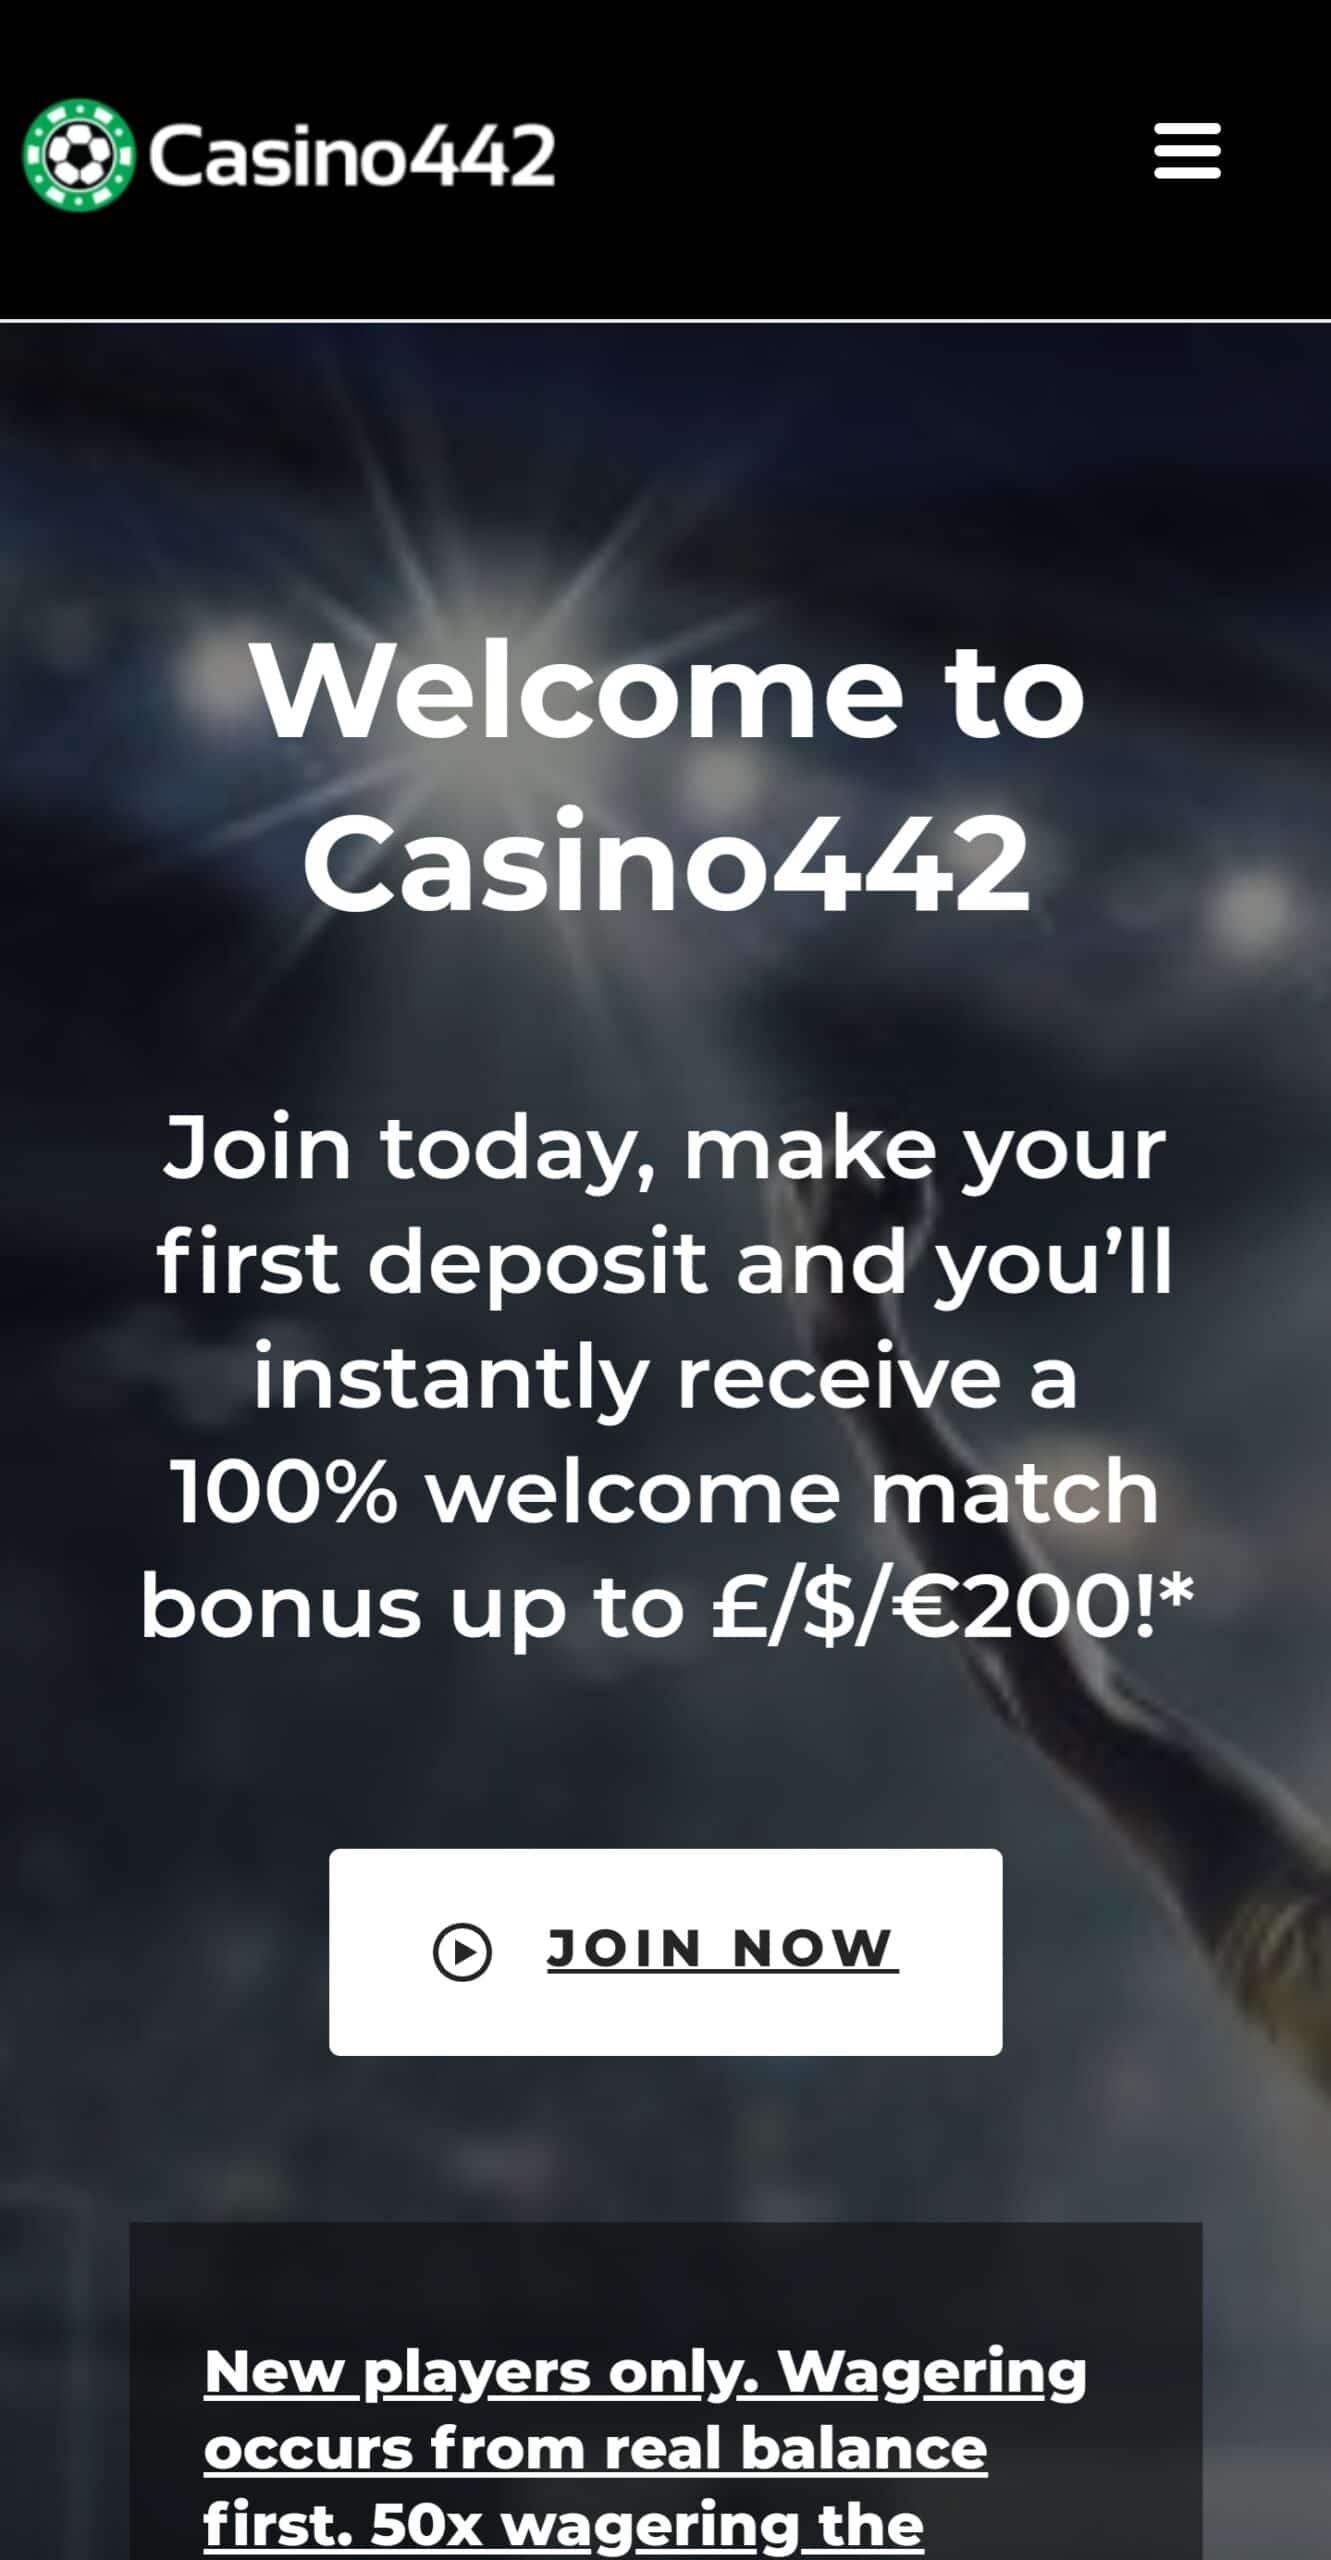 Casino 442